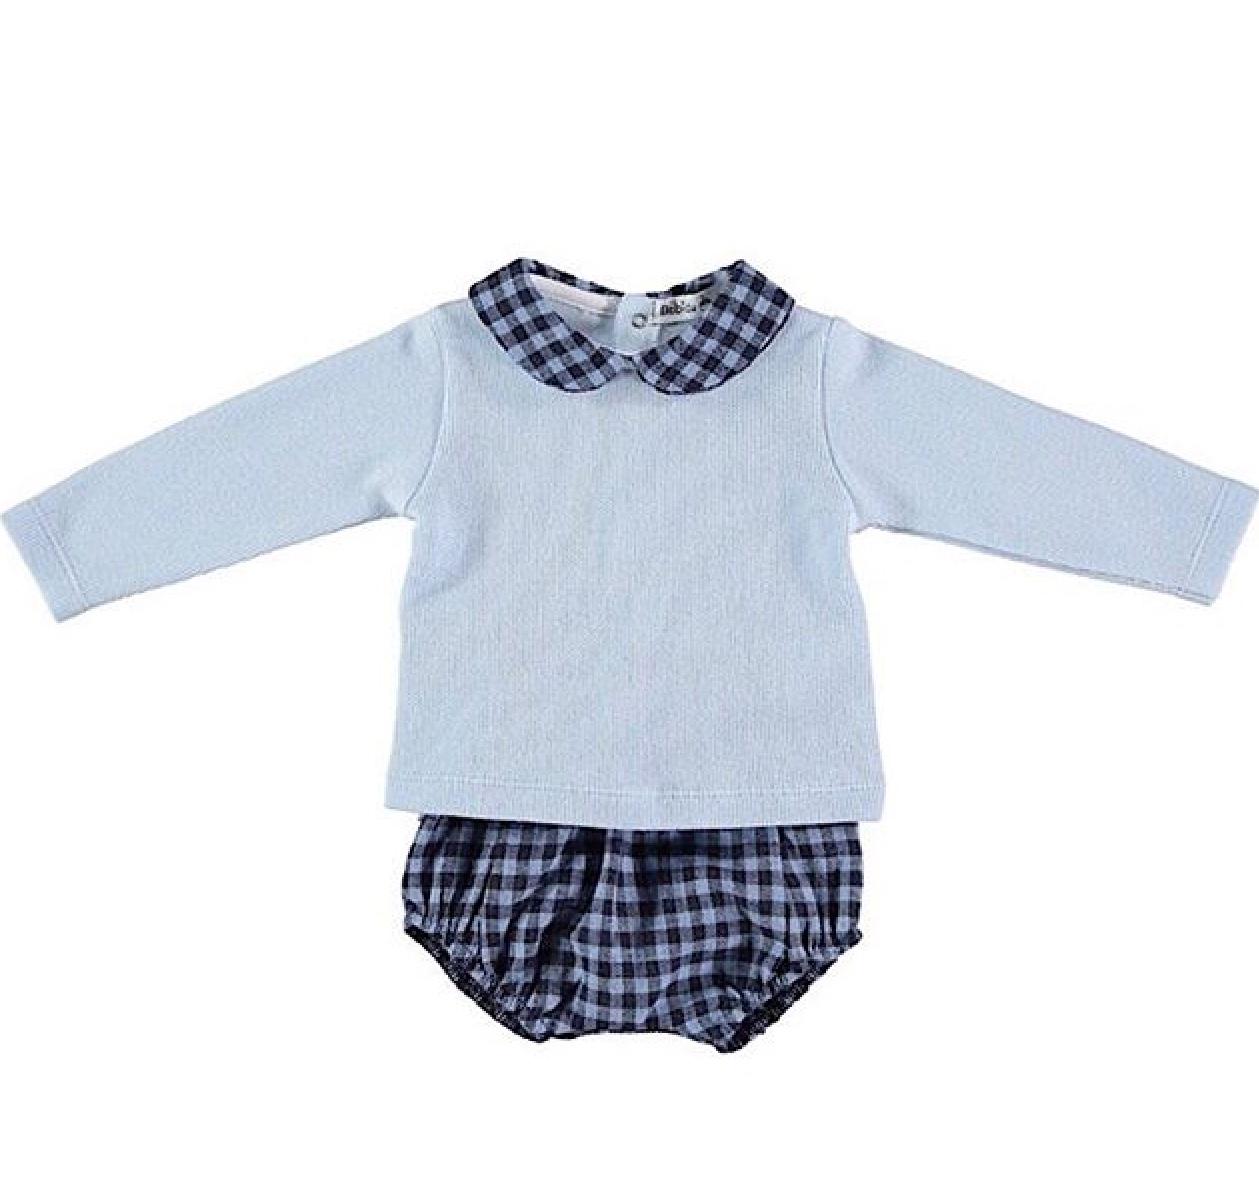 9b280470e Babidu Baby 2 Piece Blue Check Set – Shorts and Peter Pan Collar Top ...